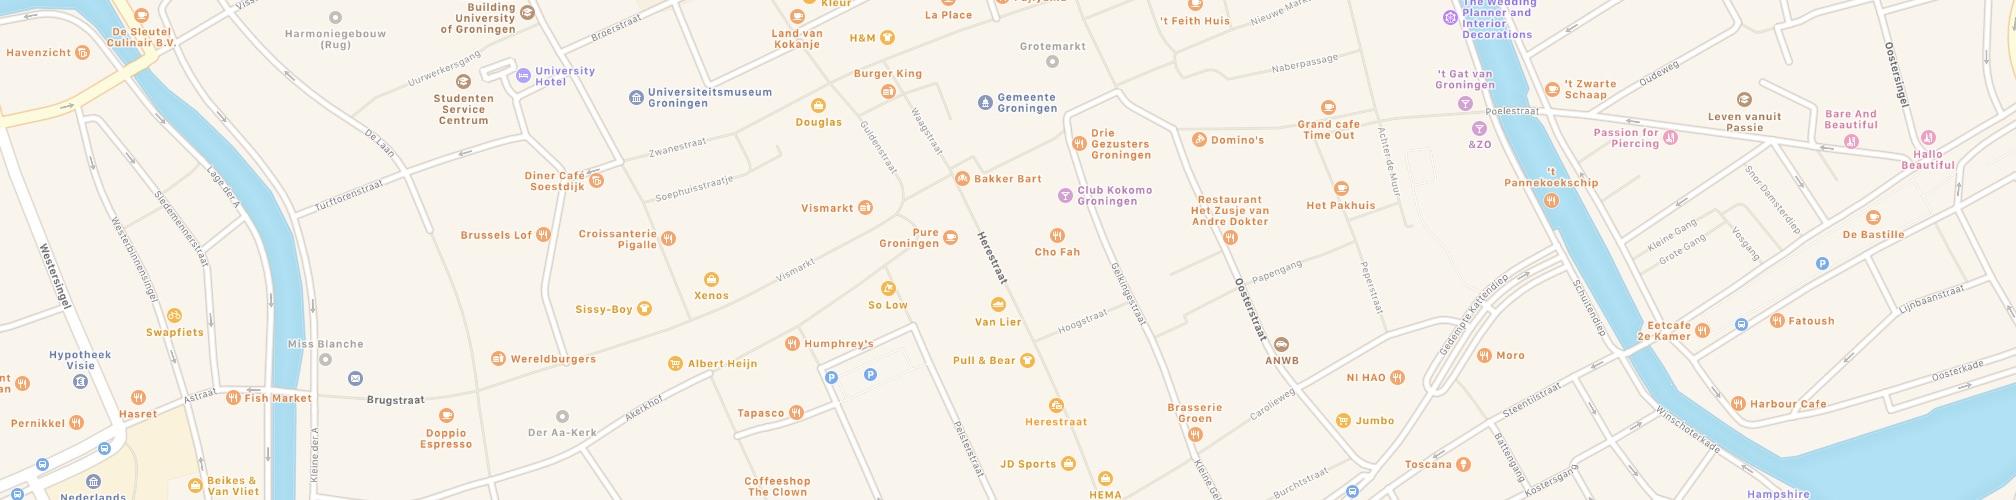 Groningen, Ausschnitt aus einer Karte (Beitragsbild)